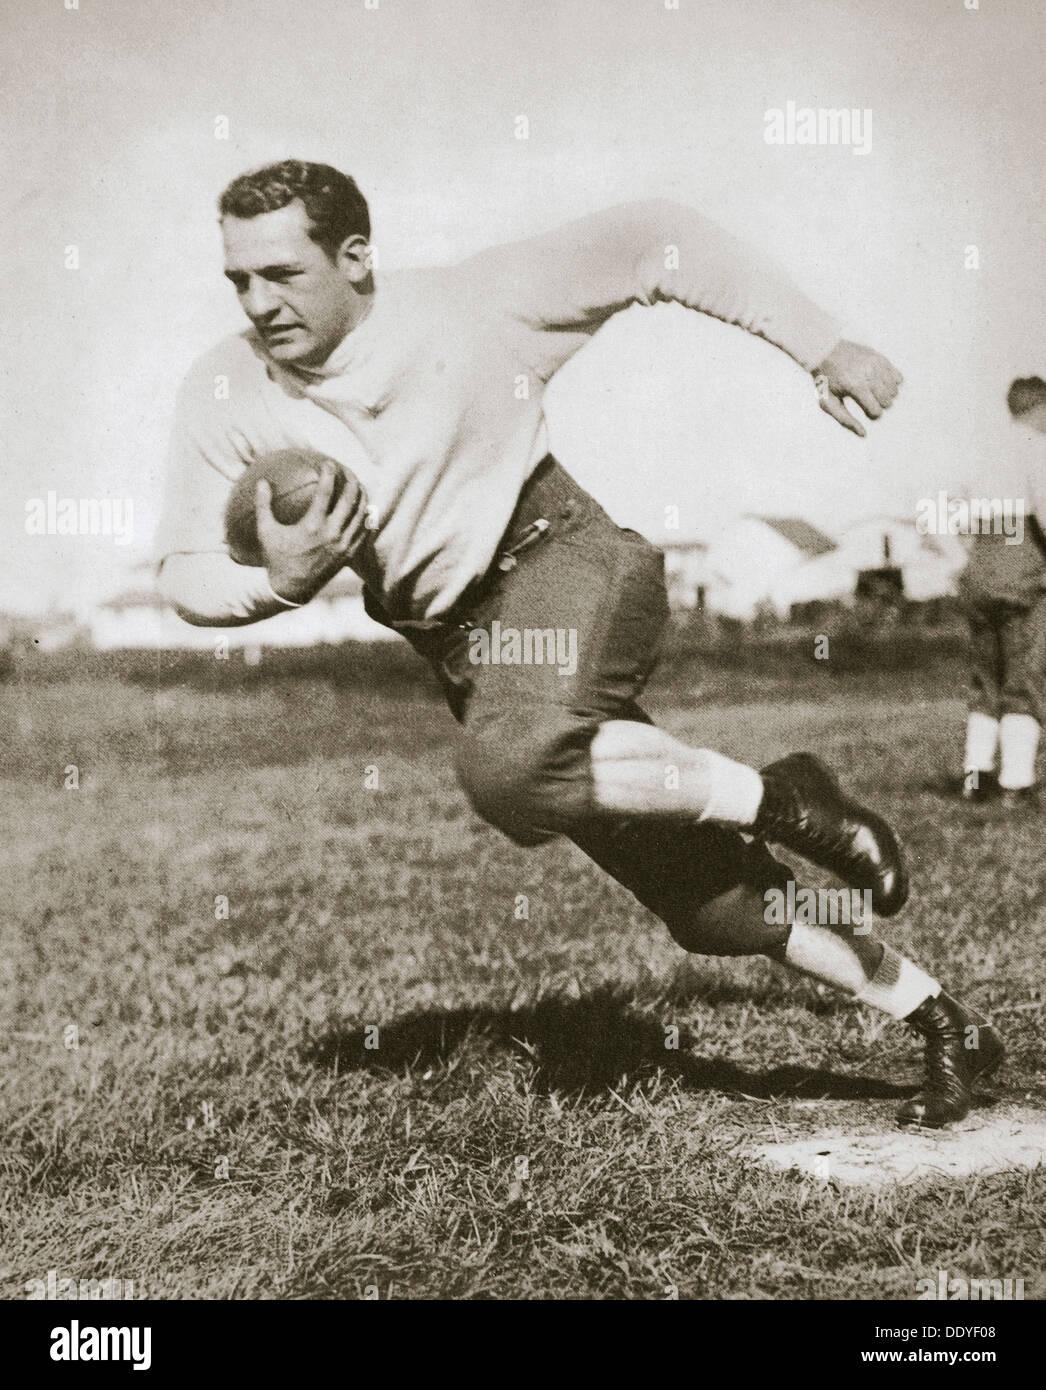 Harold Edward 'Rojo' Grang, jugador de fútbol americano, a mediados de 1920. Artista: Desconocido Imagen De Stock